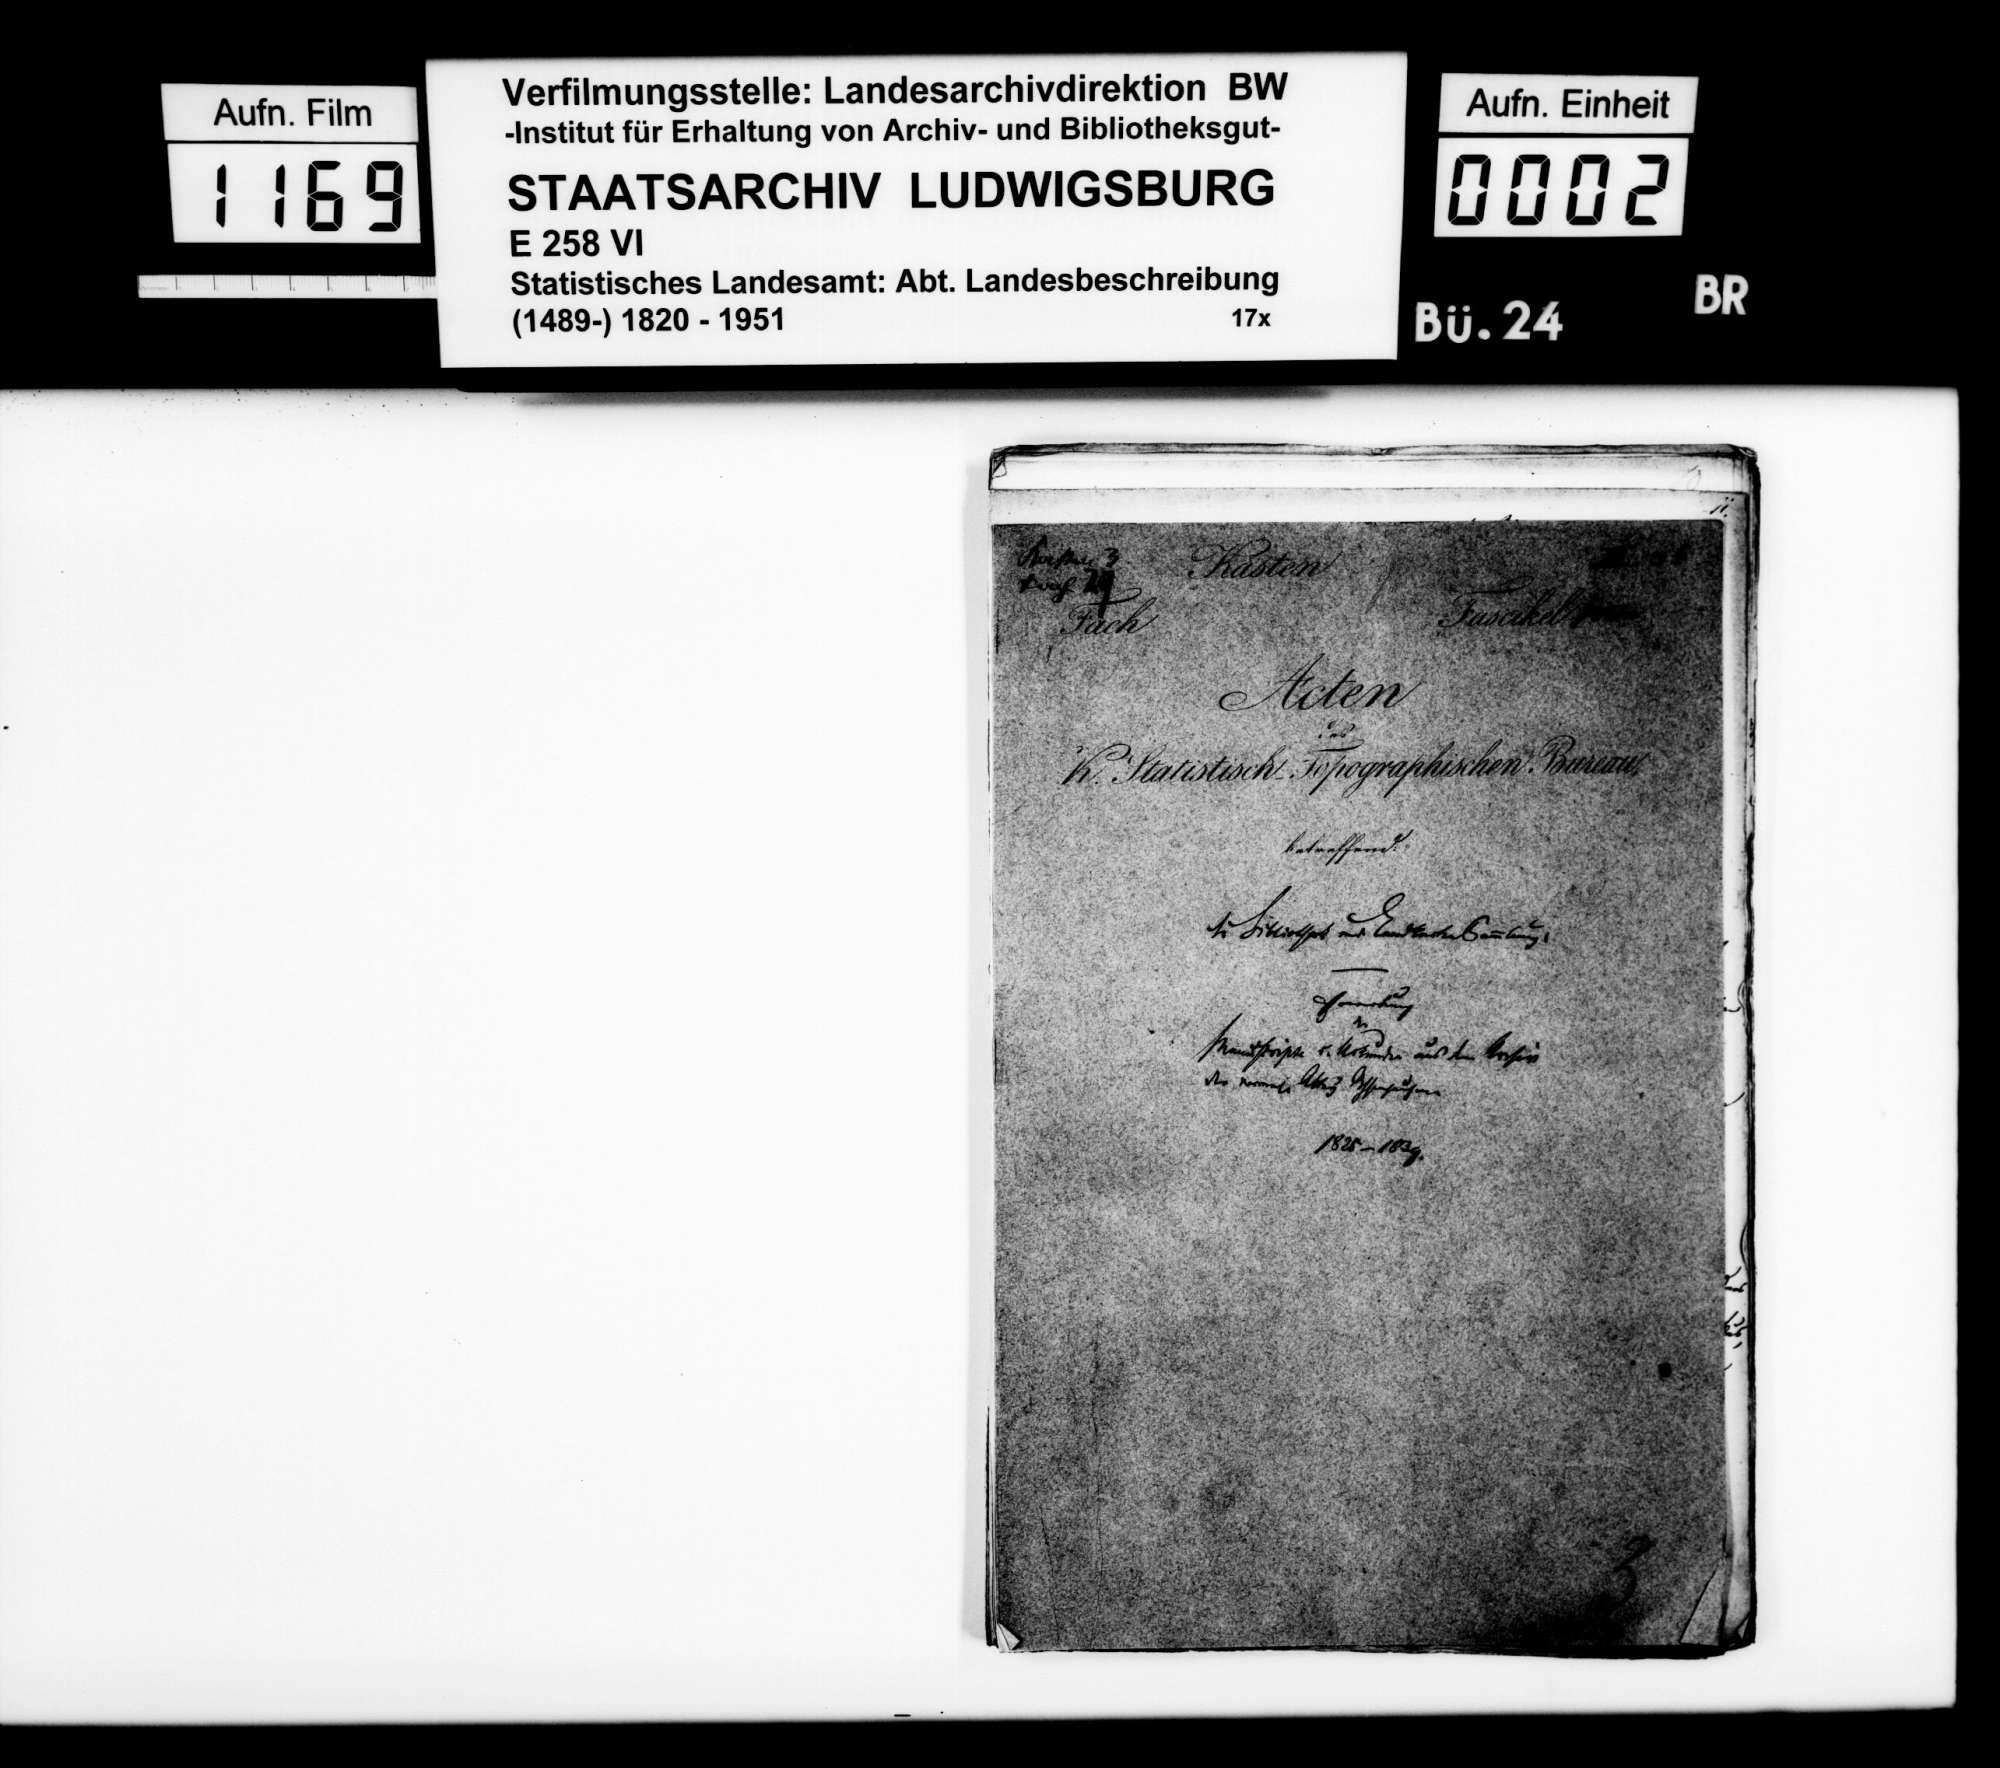 Ausleihe von Repertorien und Archivgut der Abtei Ochsenhausen an das STB, Bild 1